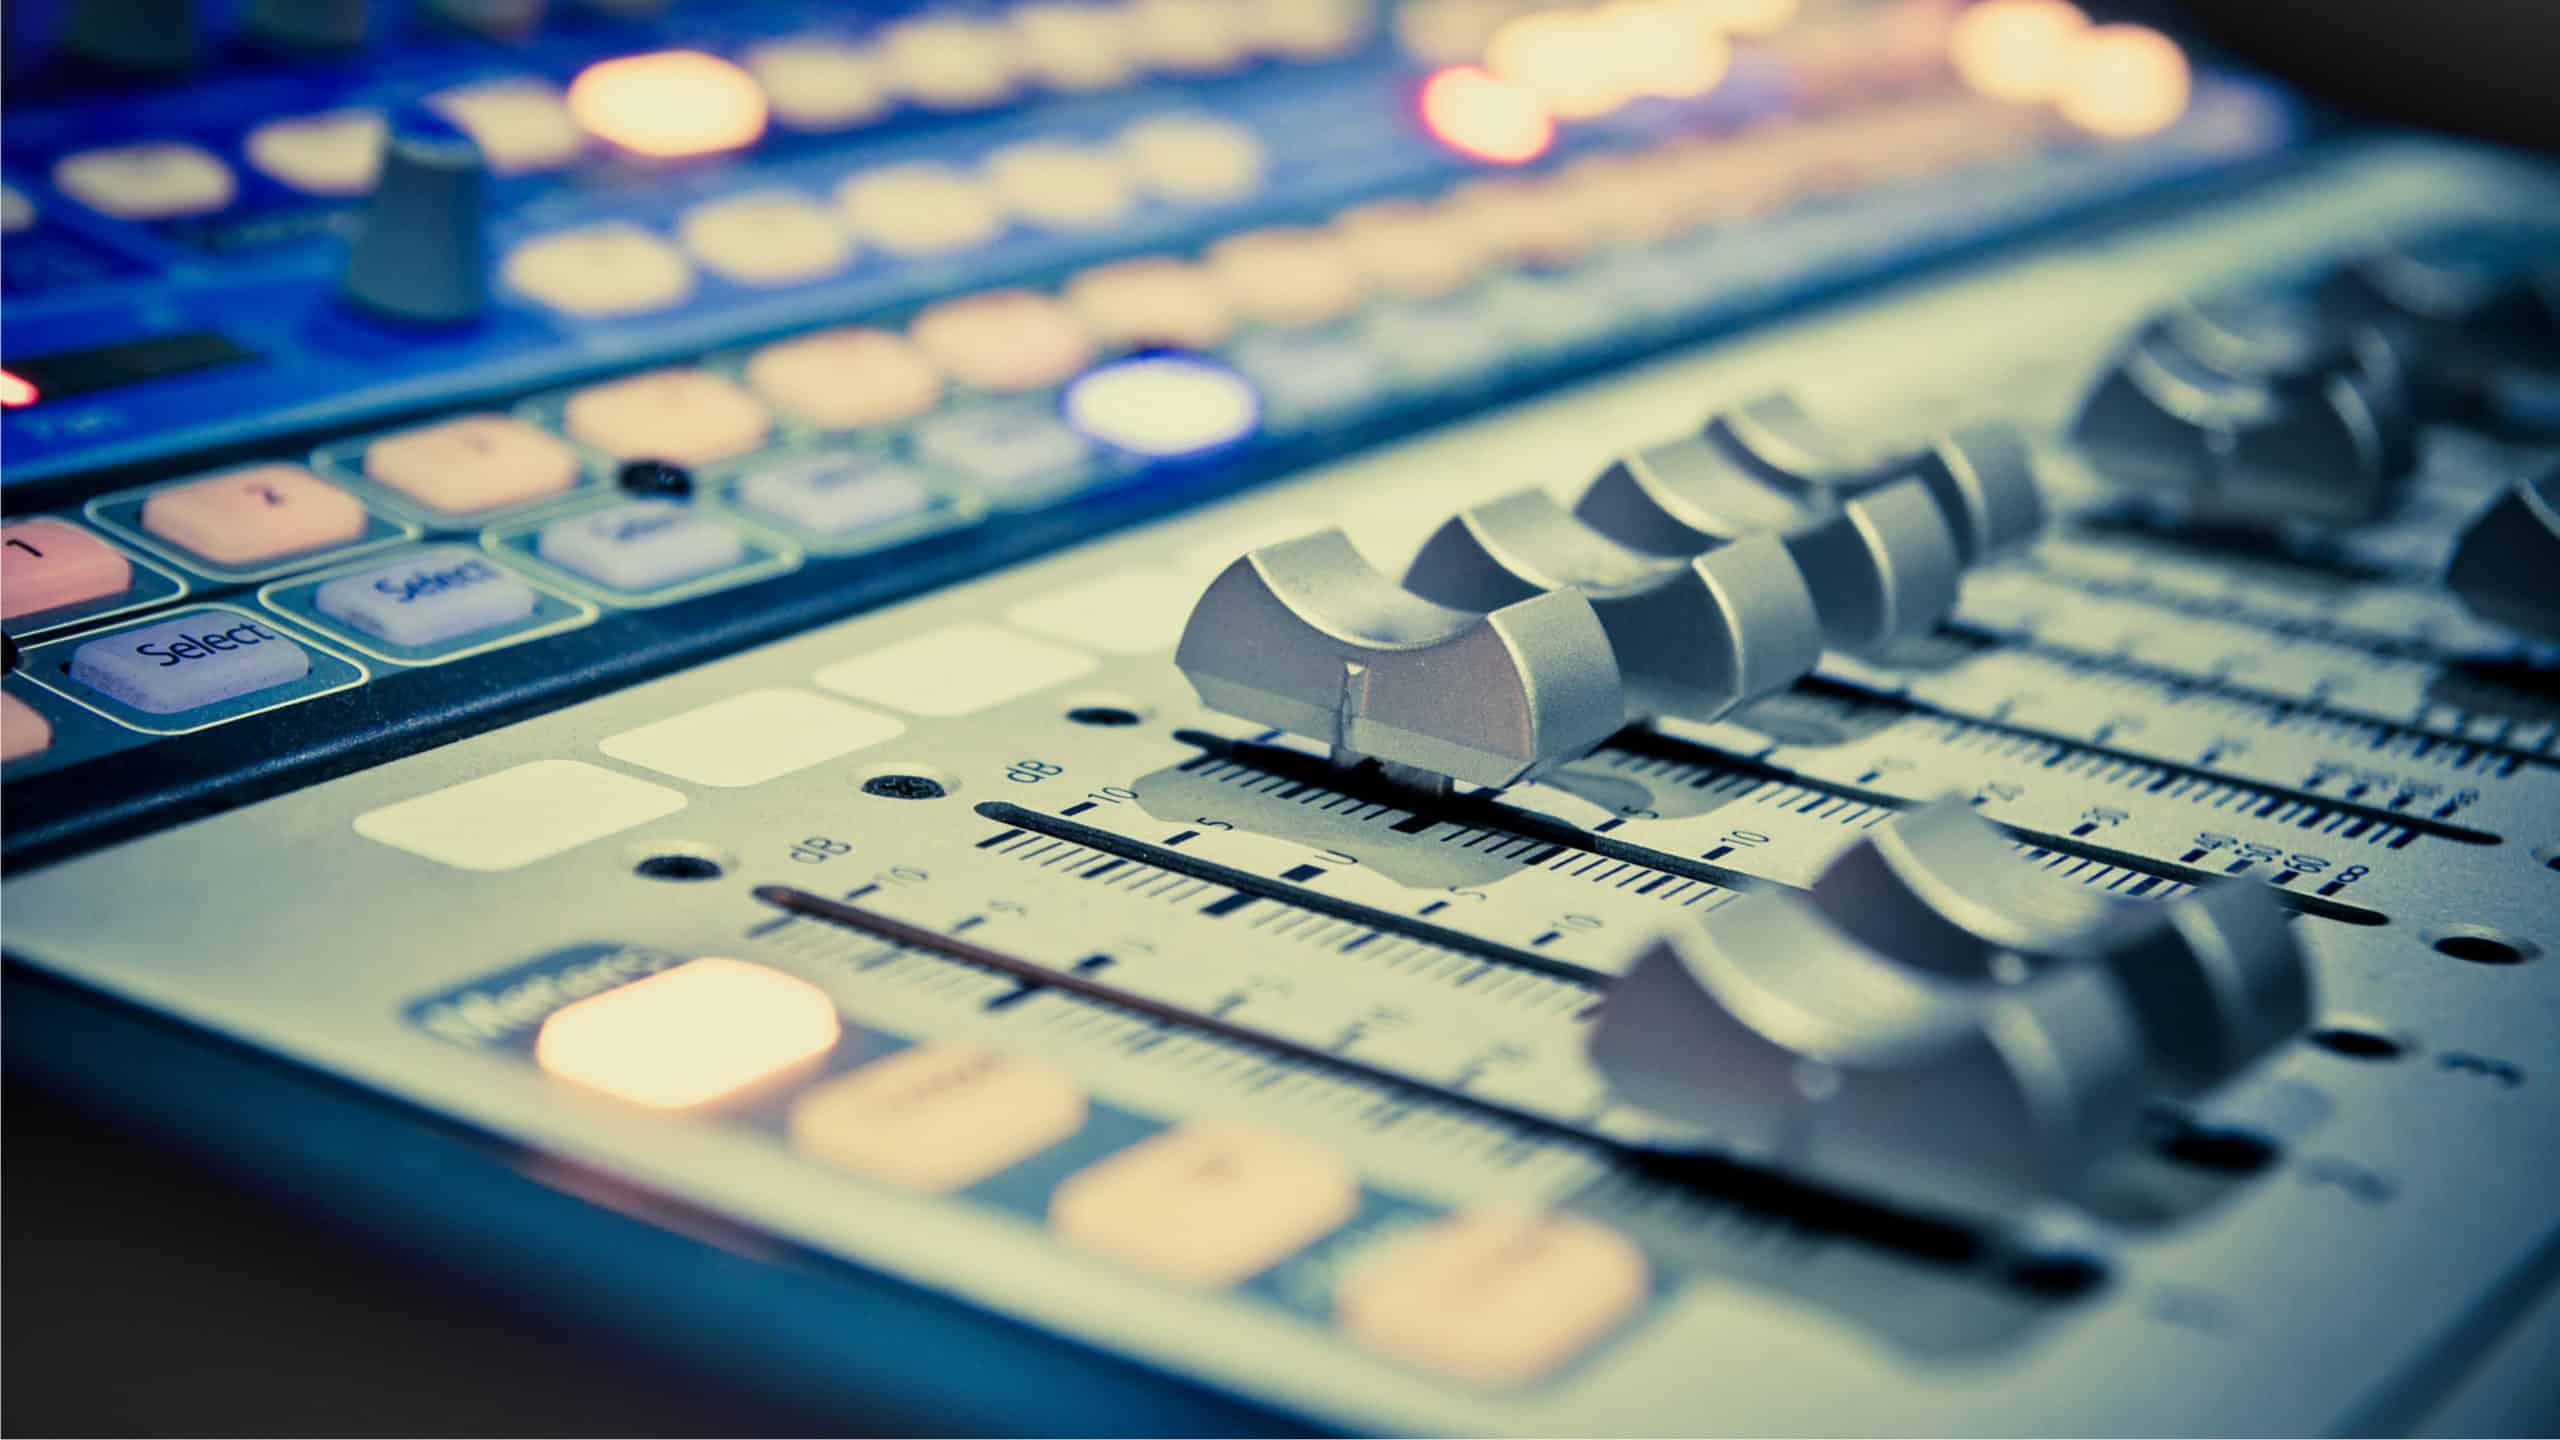 Music & SFX